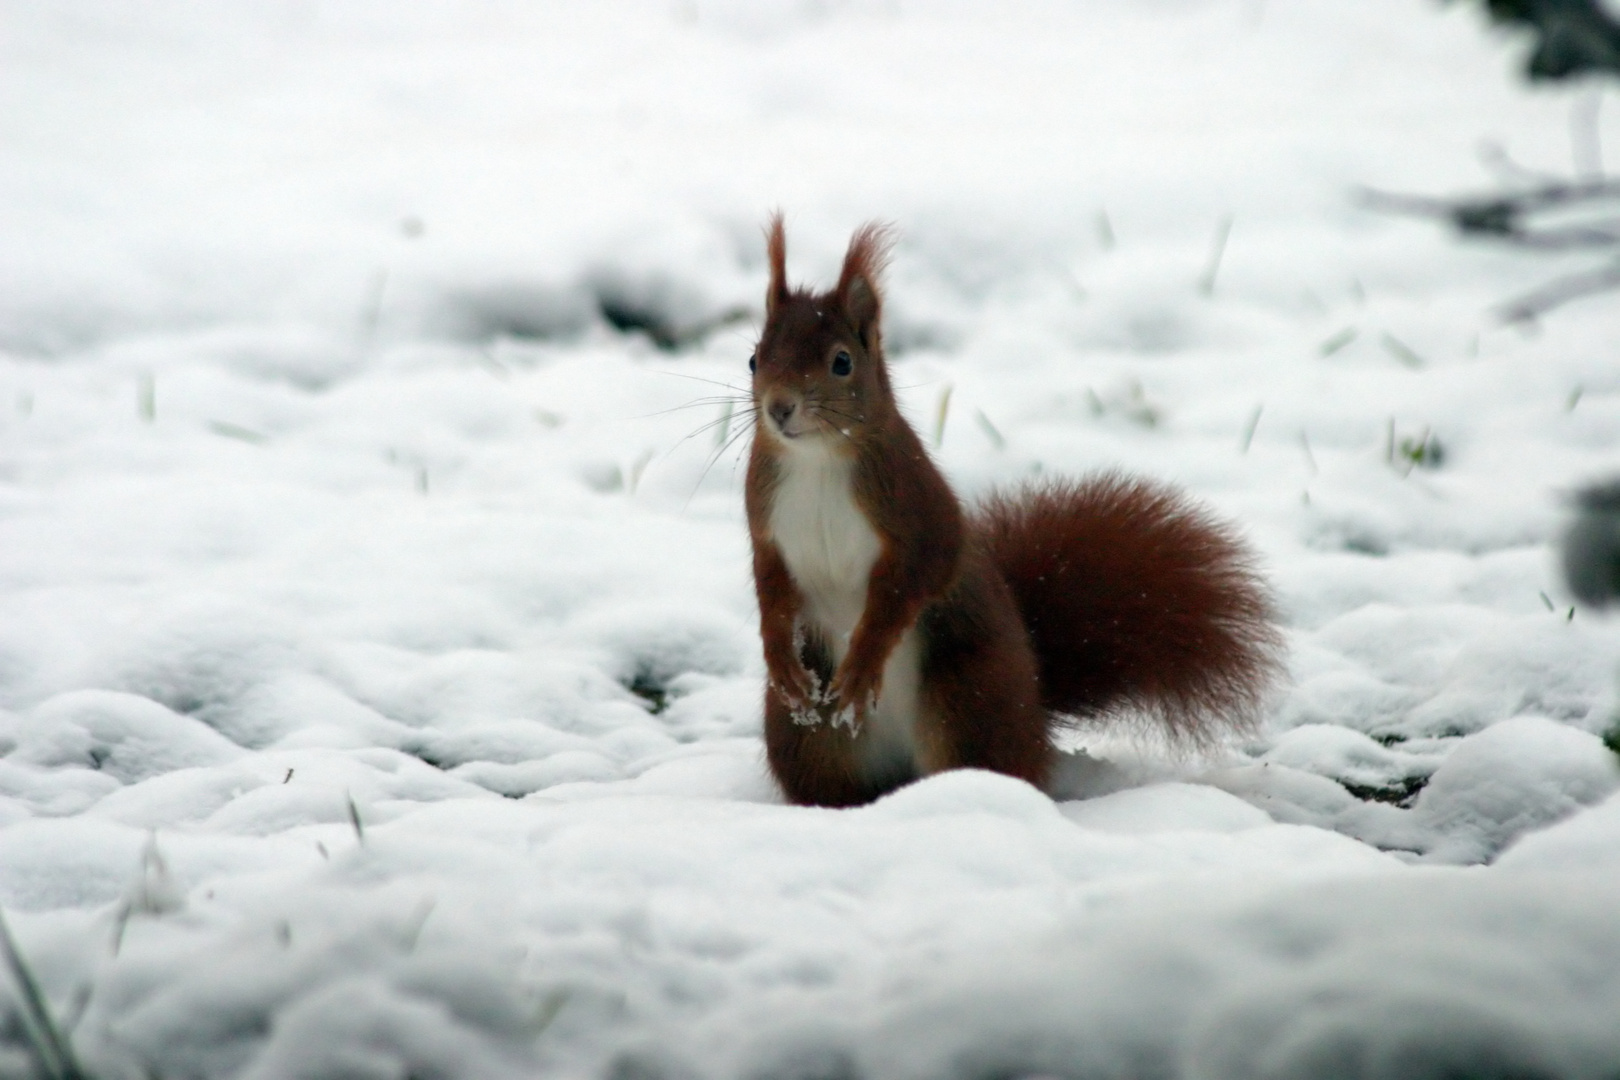 Und immer noch mehr Schnee oder auch wo hatte ich bloss meine Walnüsse versteckt?